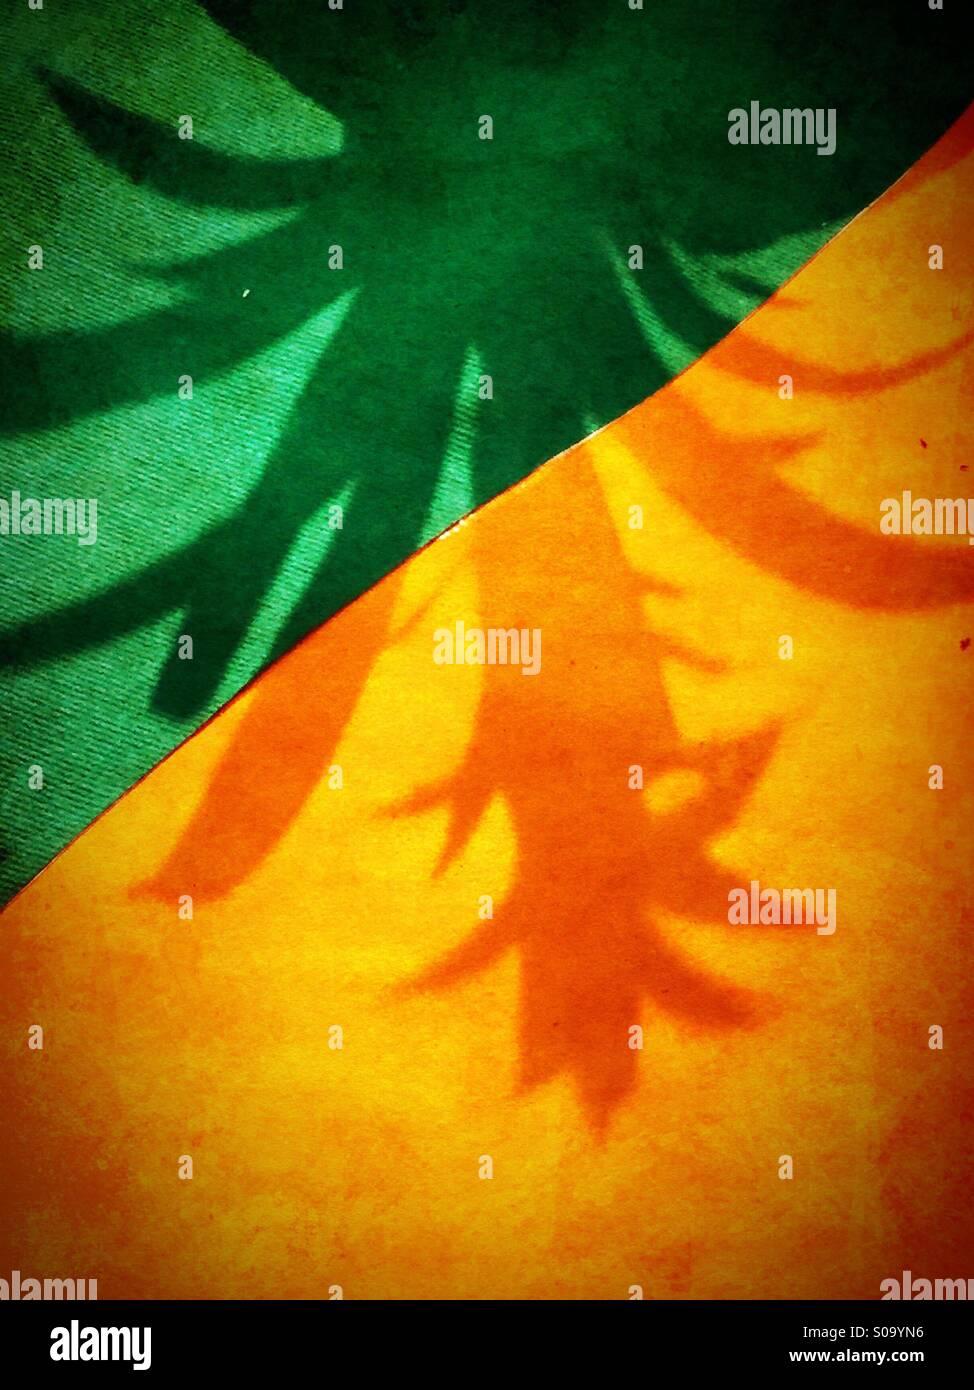 Un ombra di un fake Palm tree in un colorato pavimento Immagini Stock